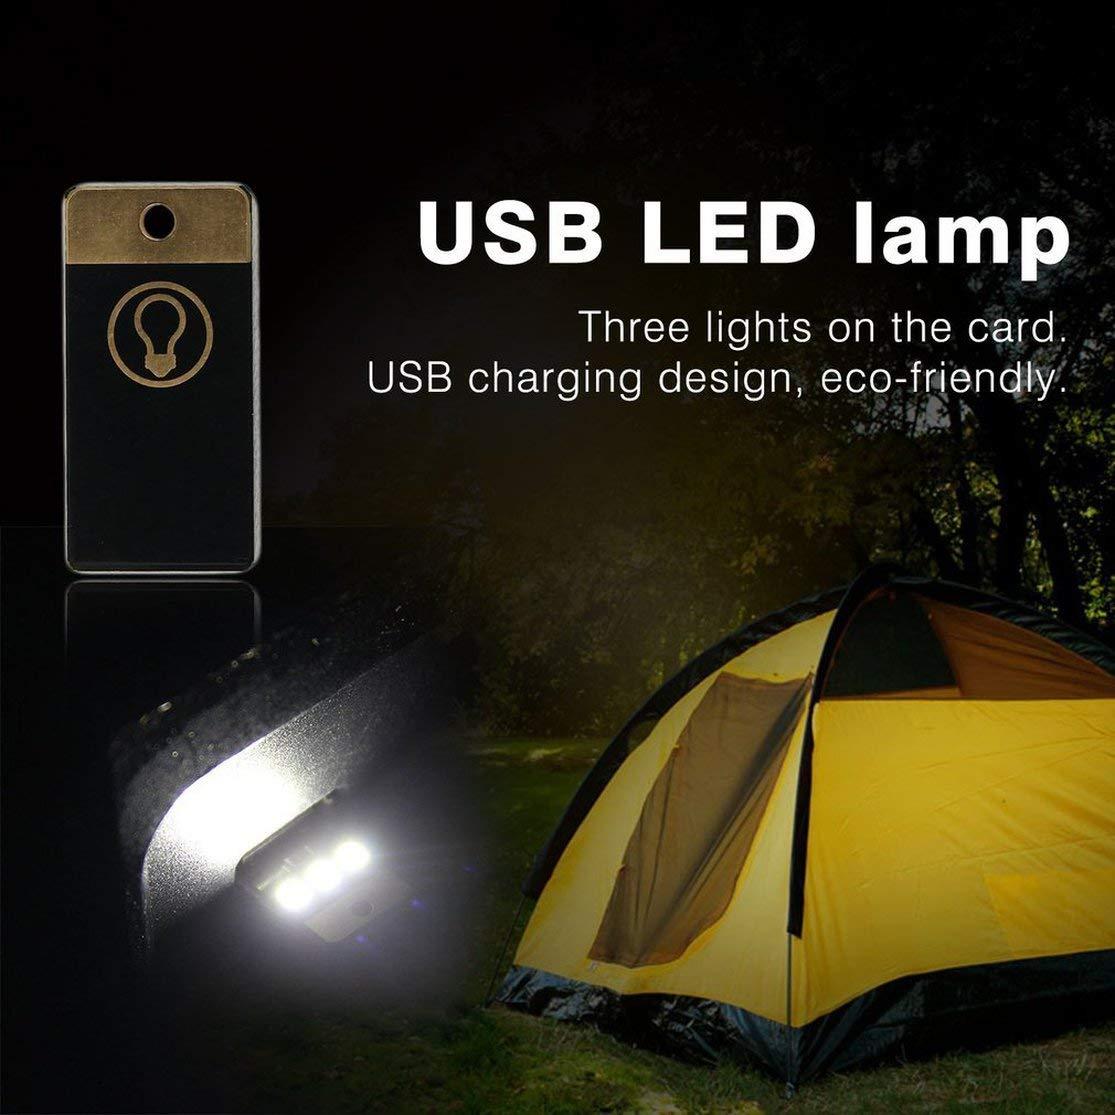 LouiseEvel215 1pcs Mini Lampe de Camping USB Nuit Mobile USB LED Lampe Blanche//lumi/ère Chaude en Gros 0,2 W Ultra Faible Puissance 2835 puces